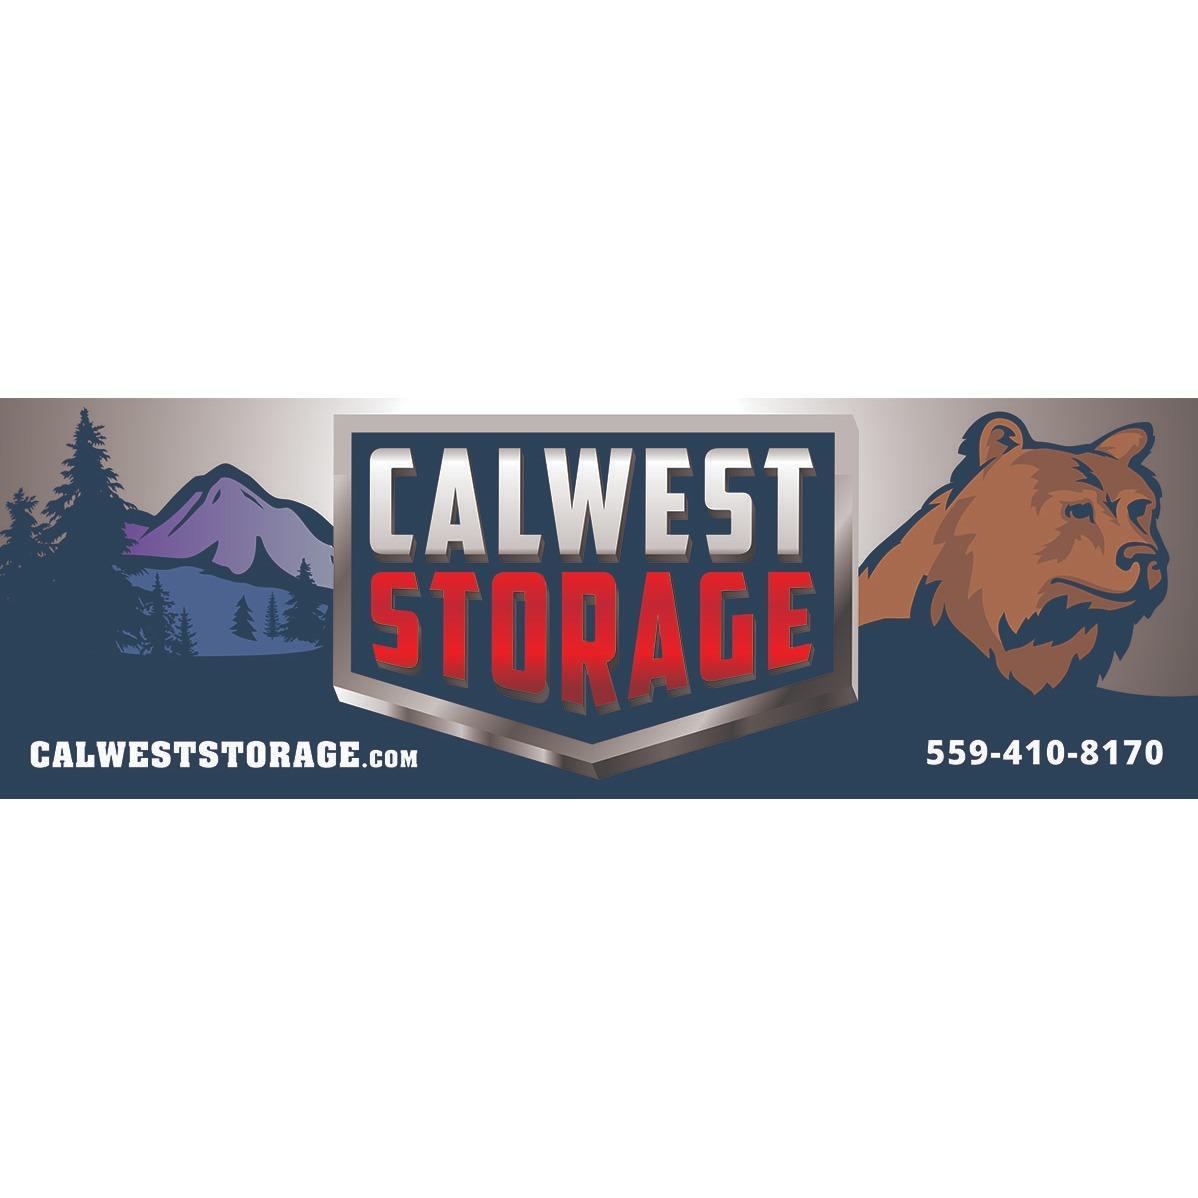 Calwest Storage